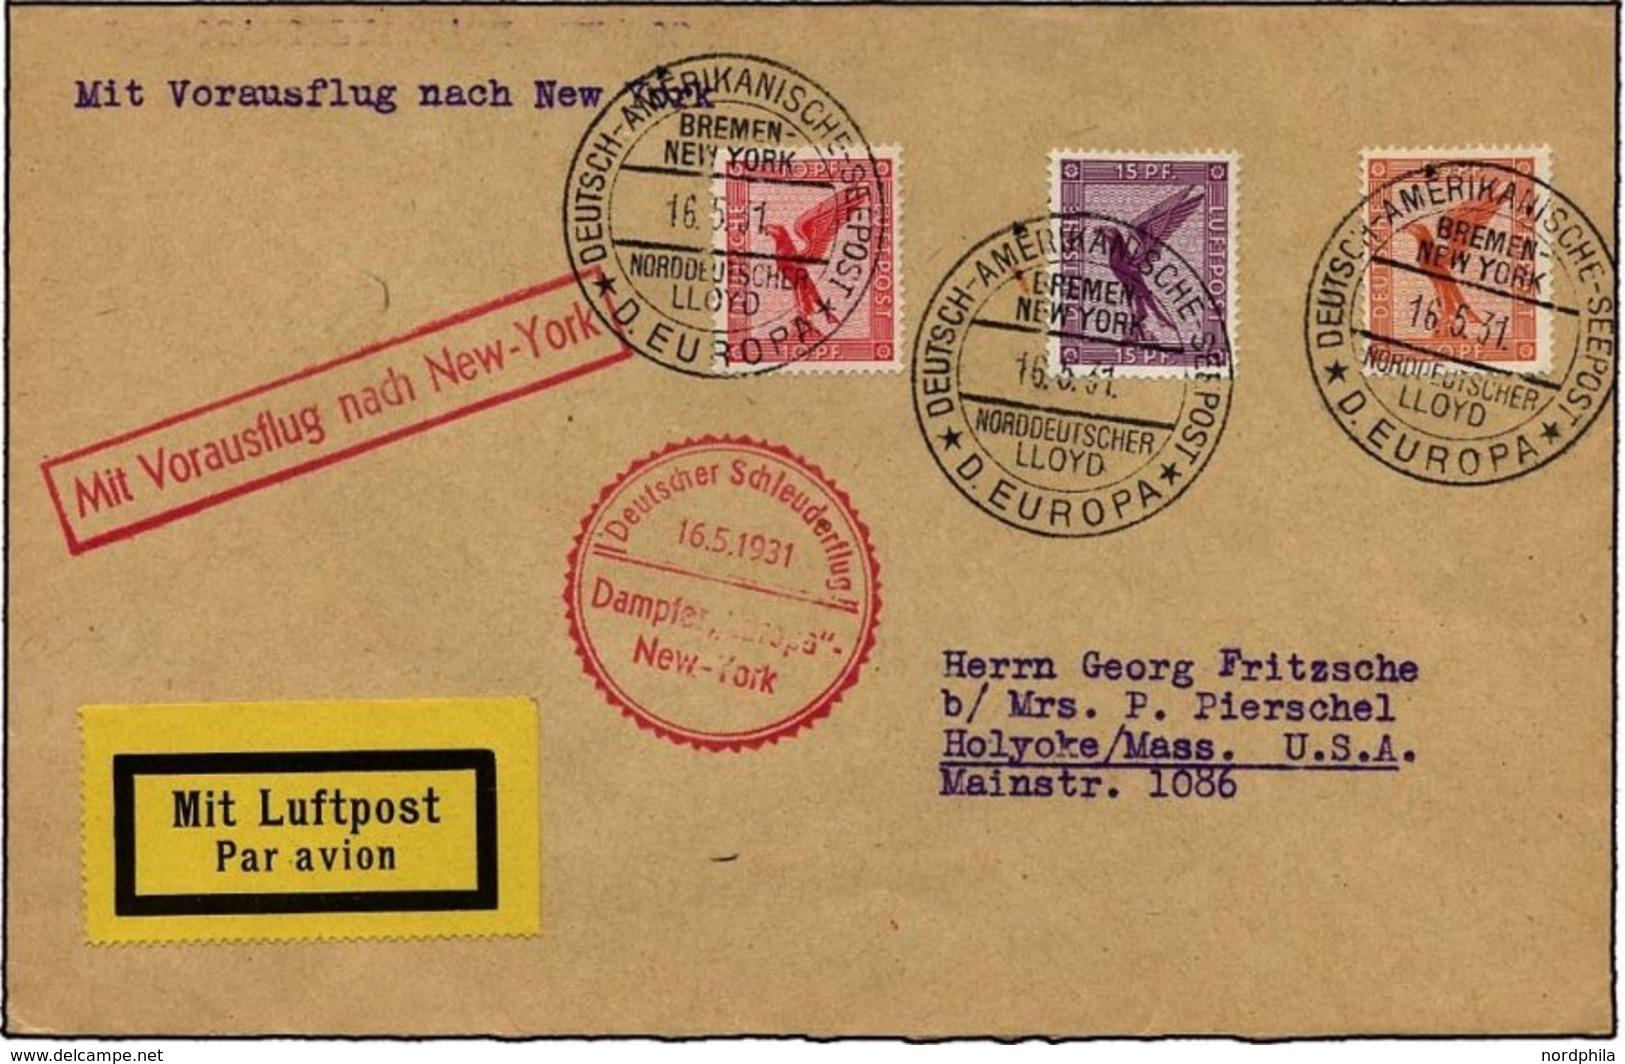 KATAPULTPOST 41b BRIEF, 16.5.1931, Europa - New York, Seepostaufgabe, Prachtbrief - Deutschland